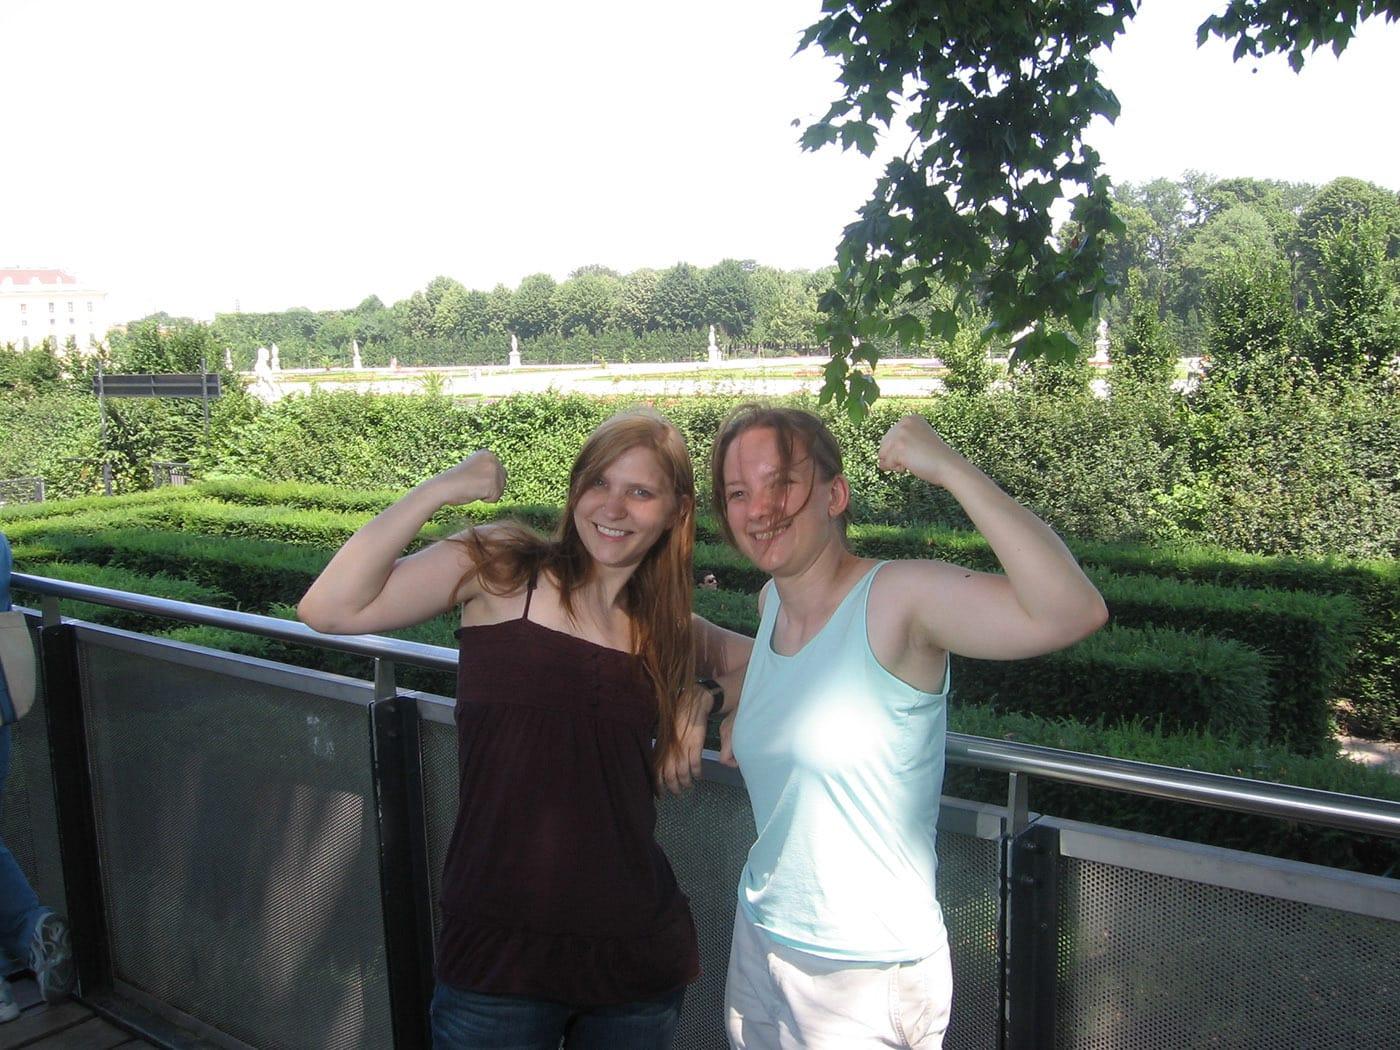 The girls win the maze in Vienna, Austria